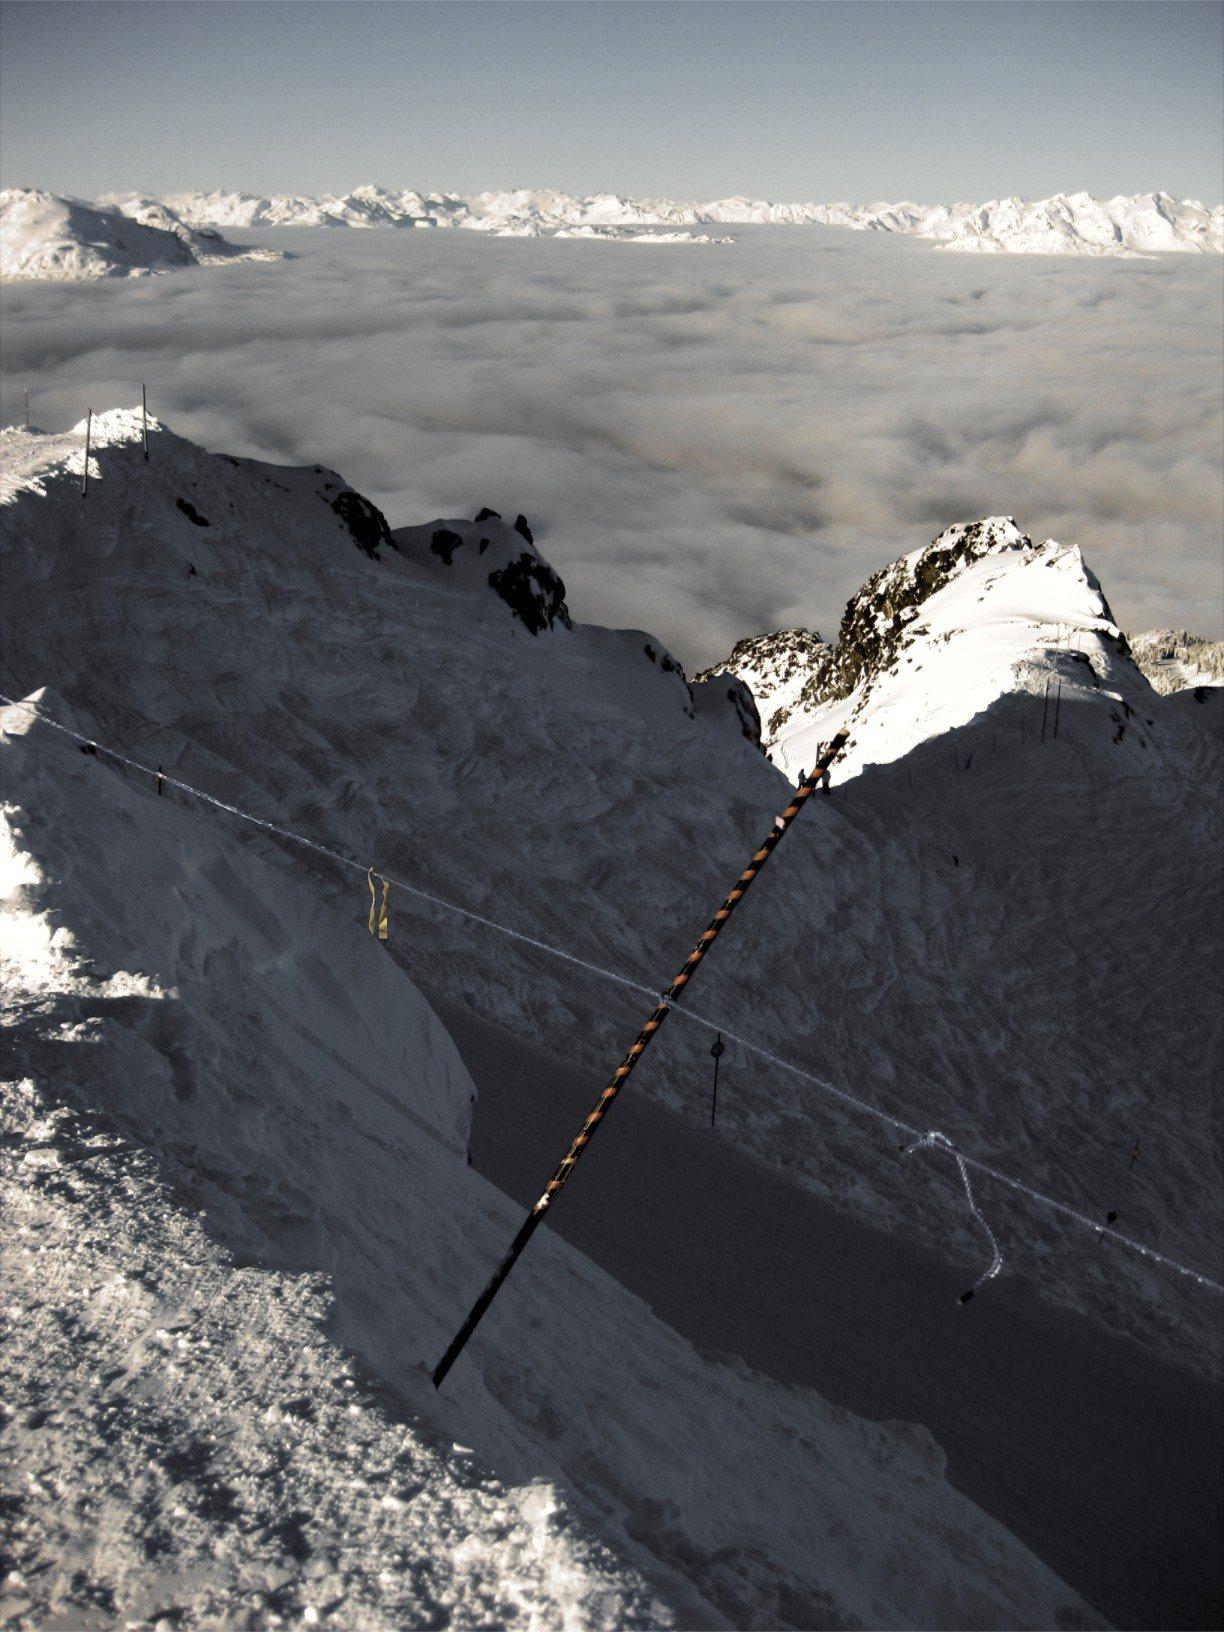 Blackcomb Mountain